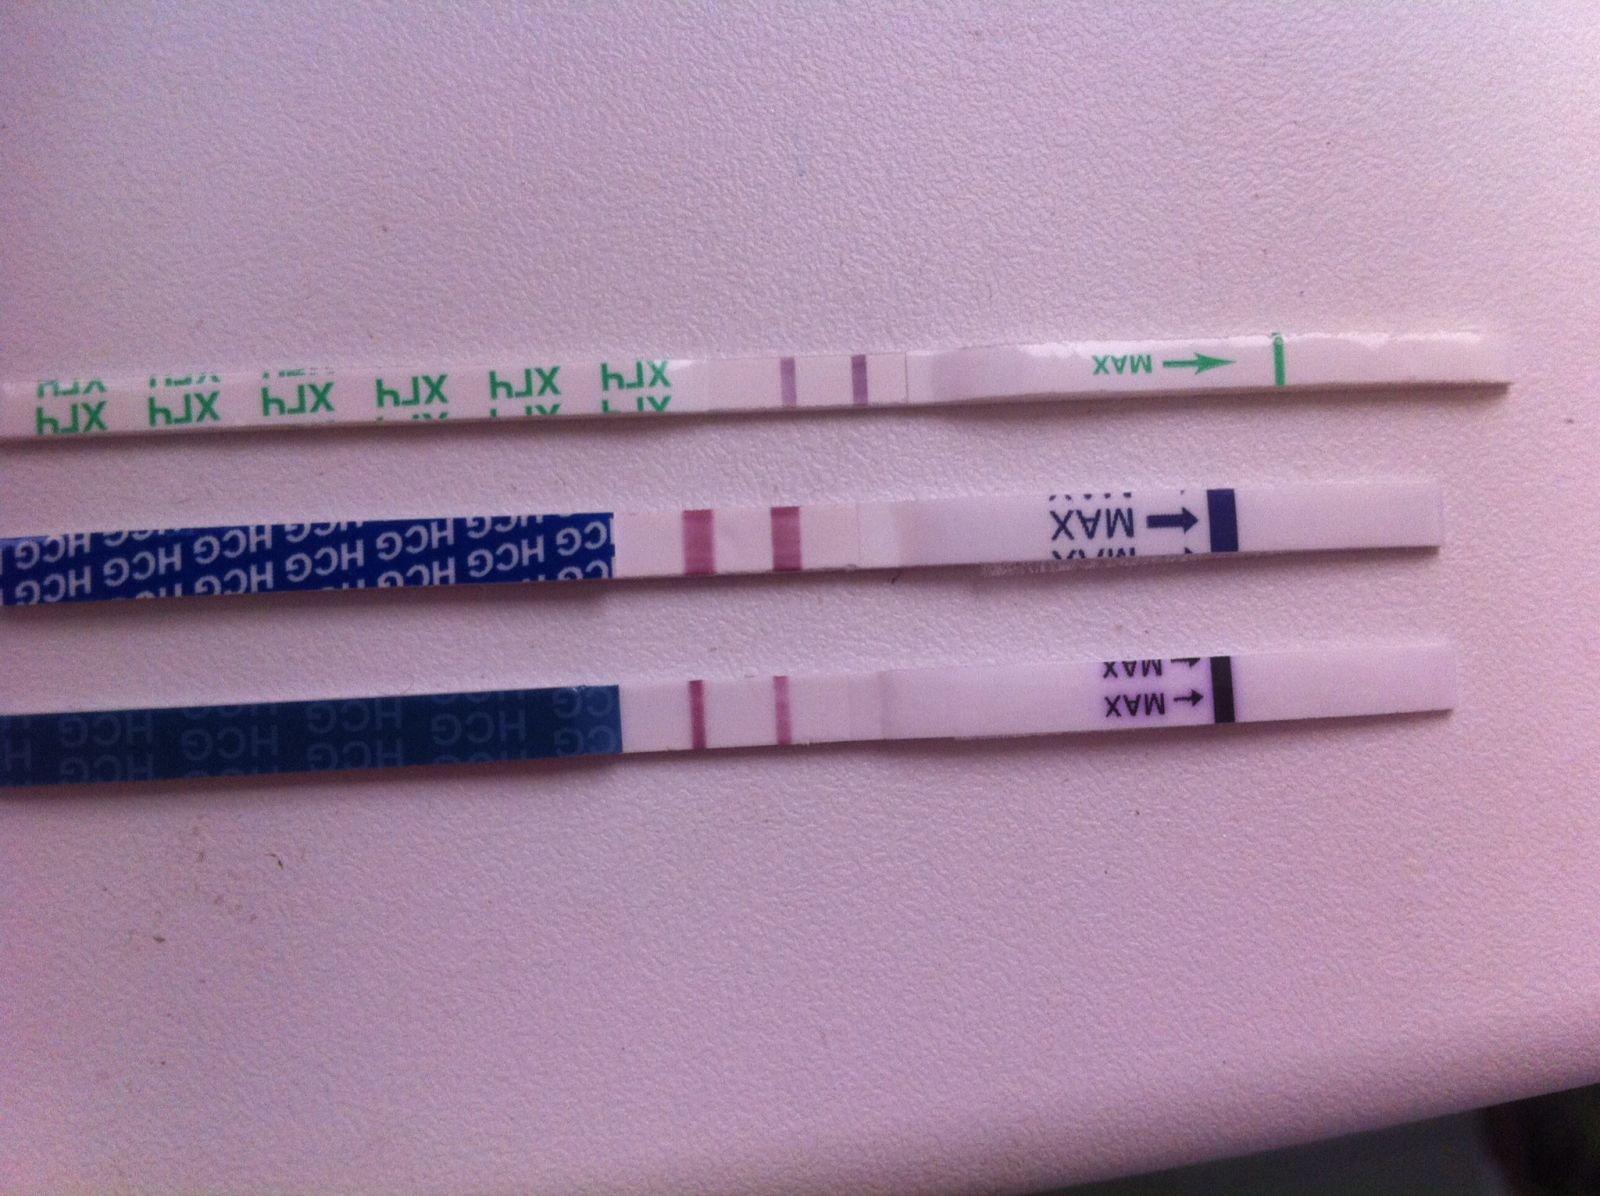 У кого положительный тест, означал не беременность, а наличие опухоли, кисты?